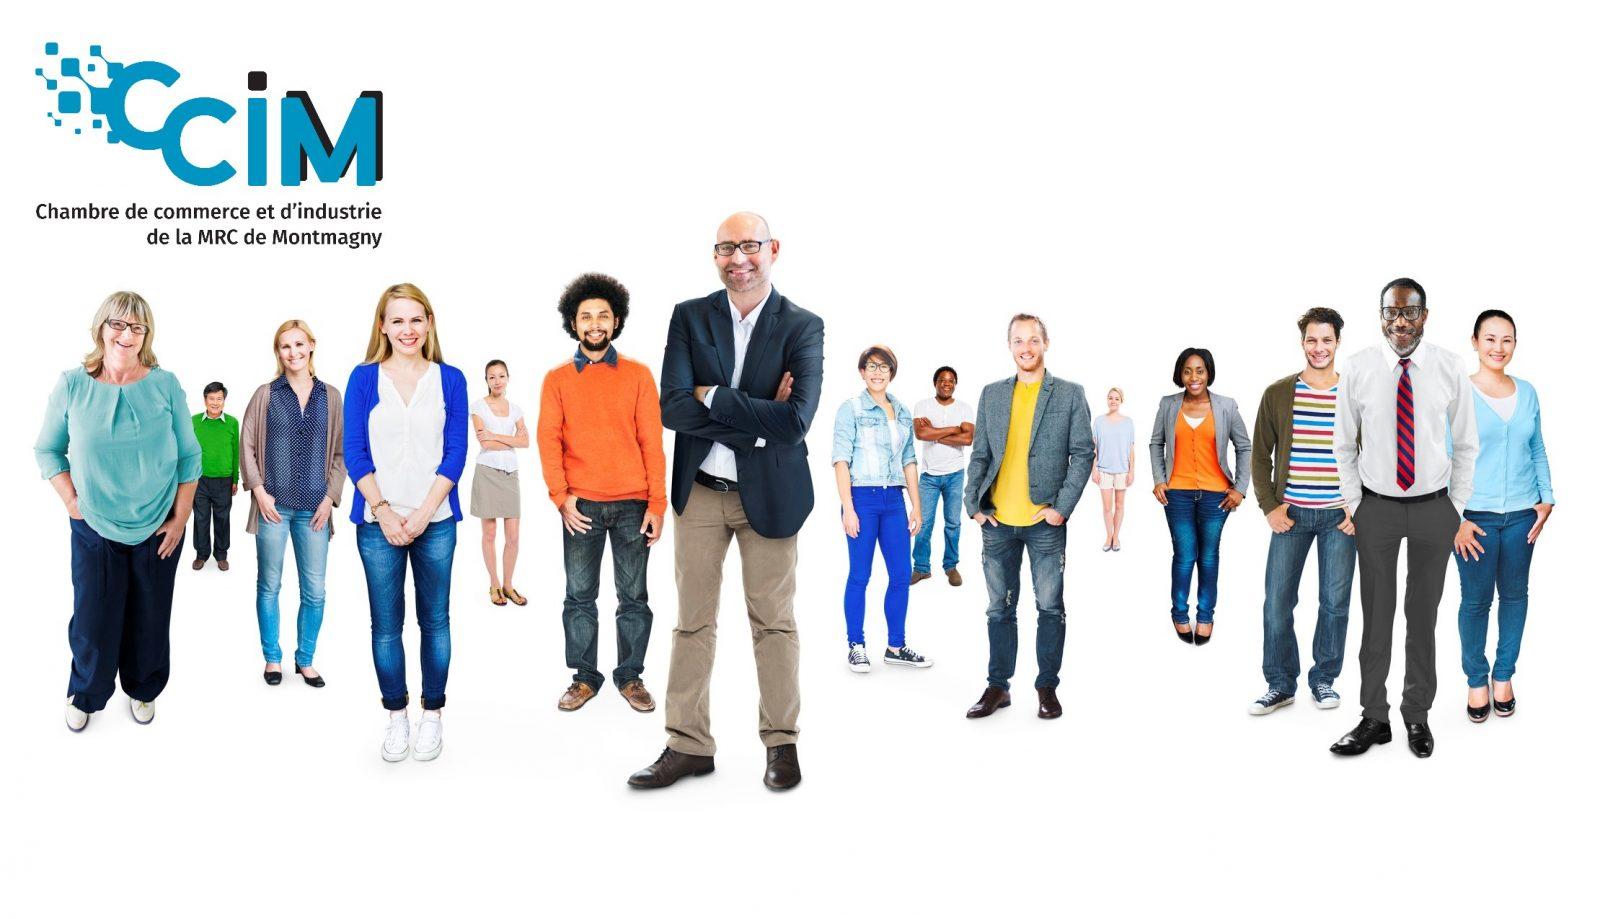 Pourquoi travailler et résider dans la MRC de Montmagny?